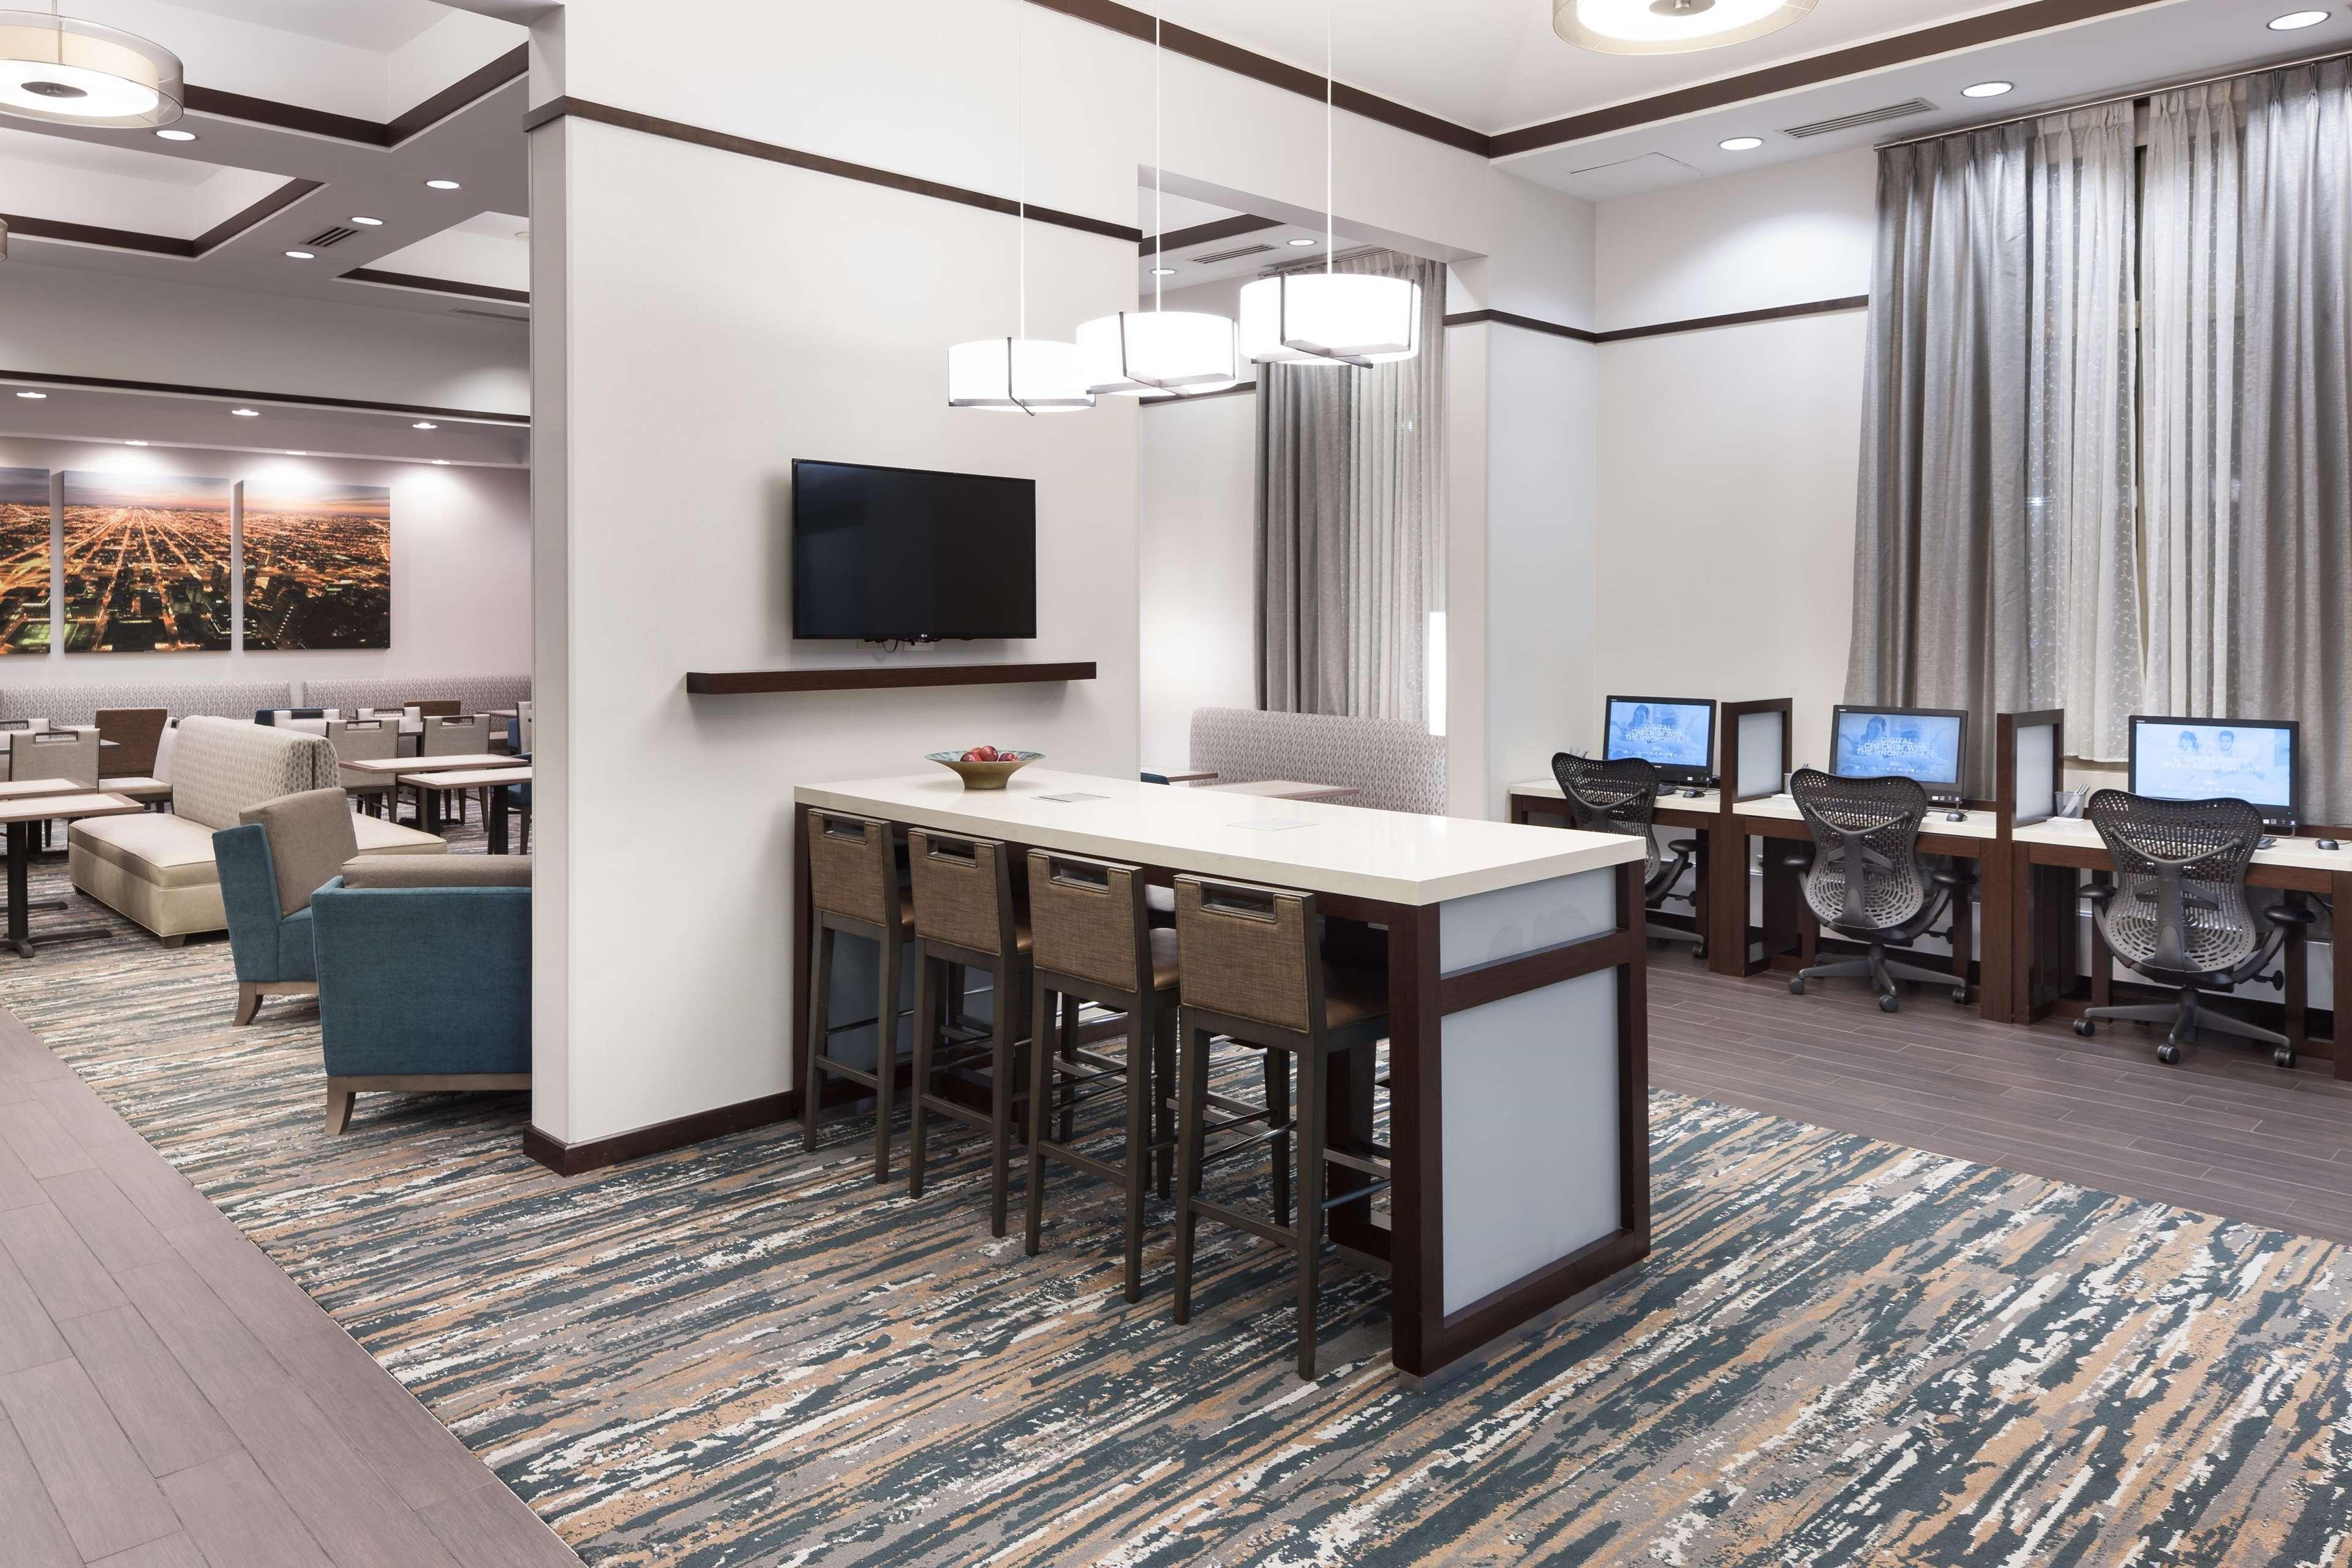 Hampton Inn & Suites Chicago-North Shore/Skokie image 24